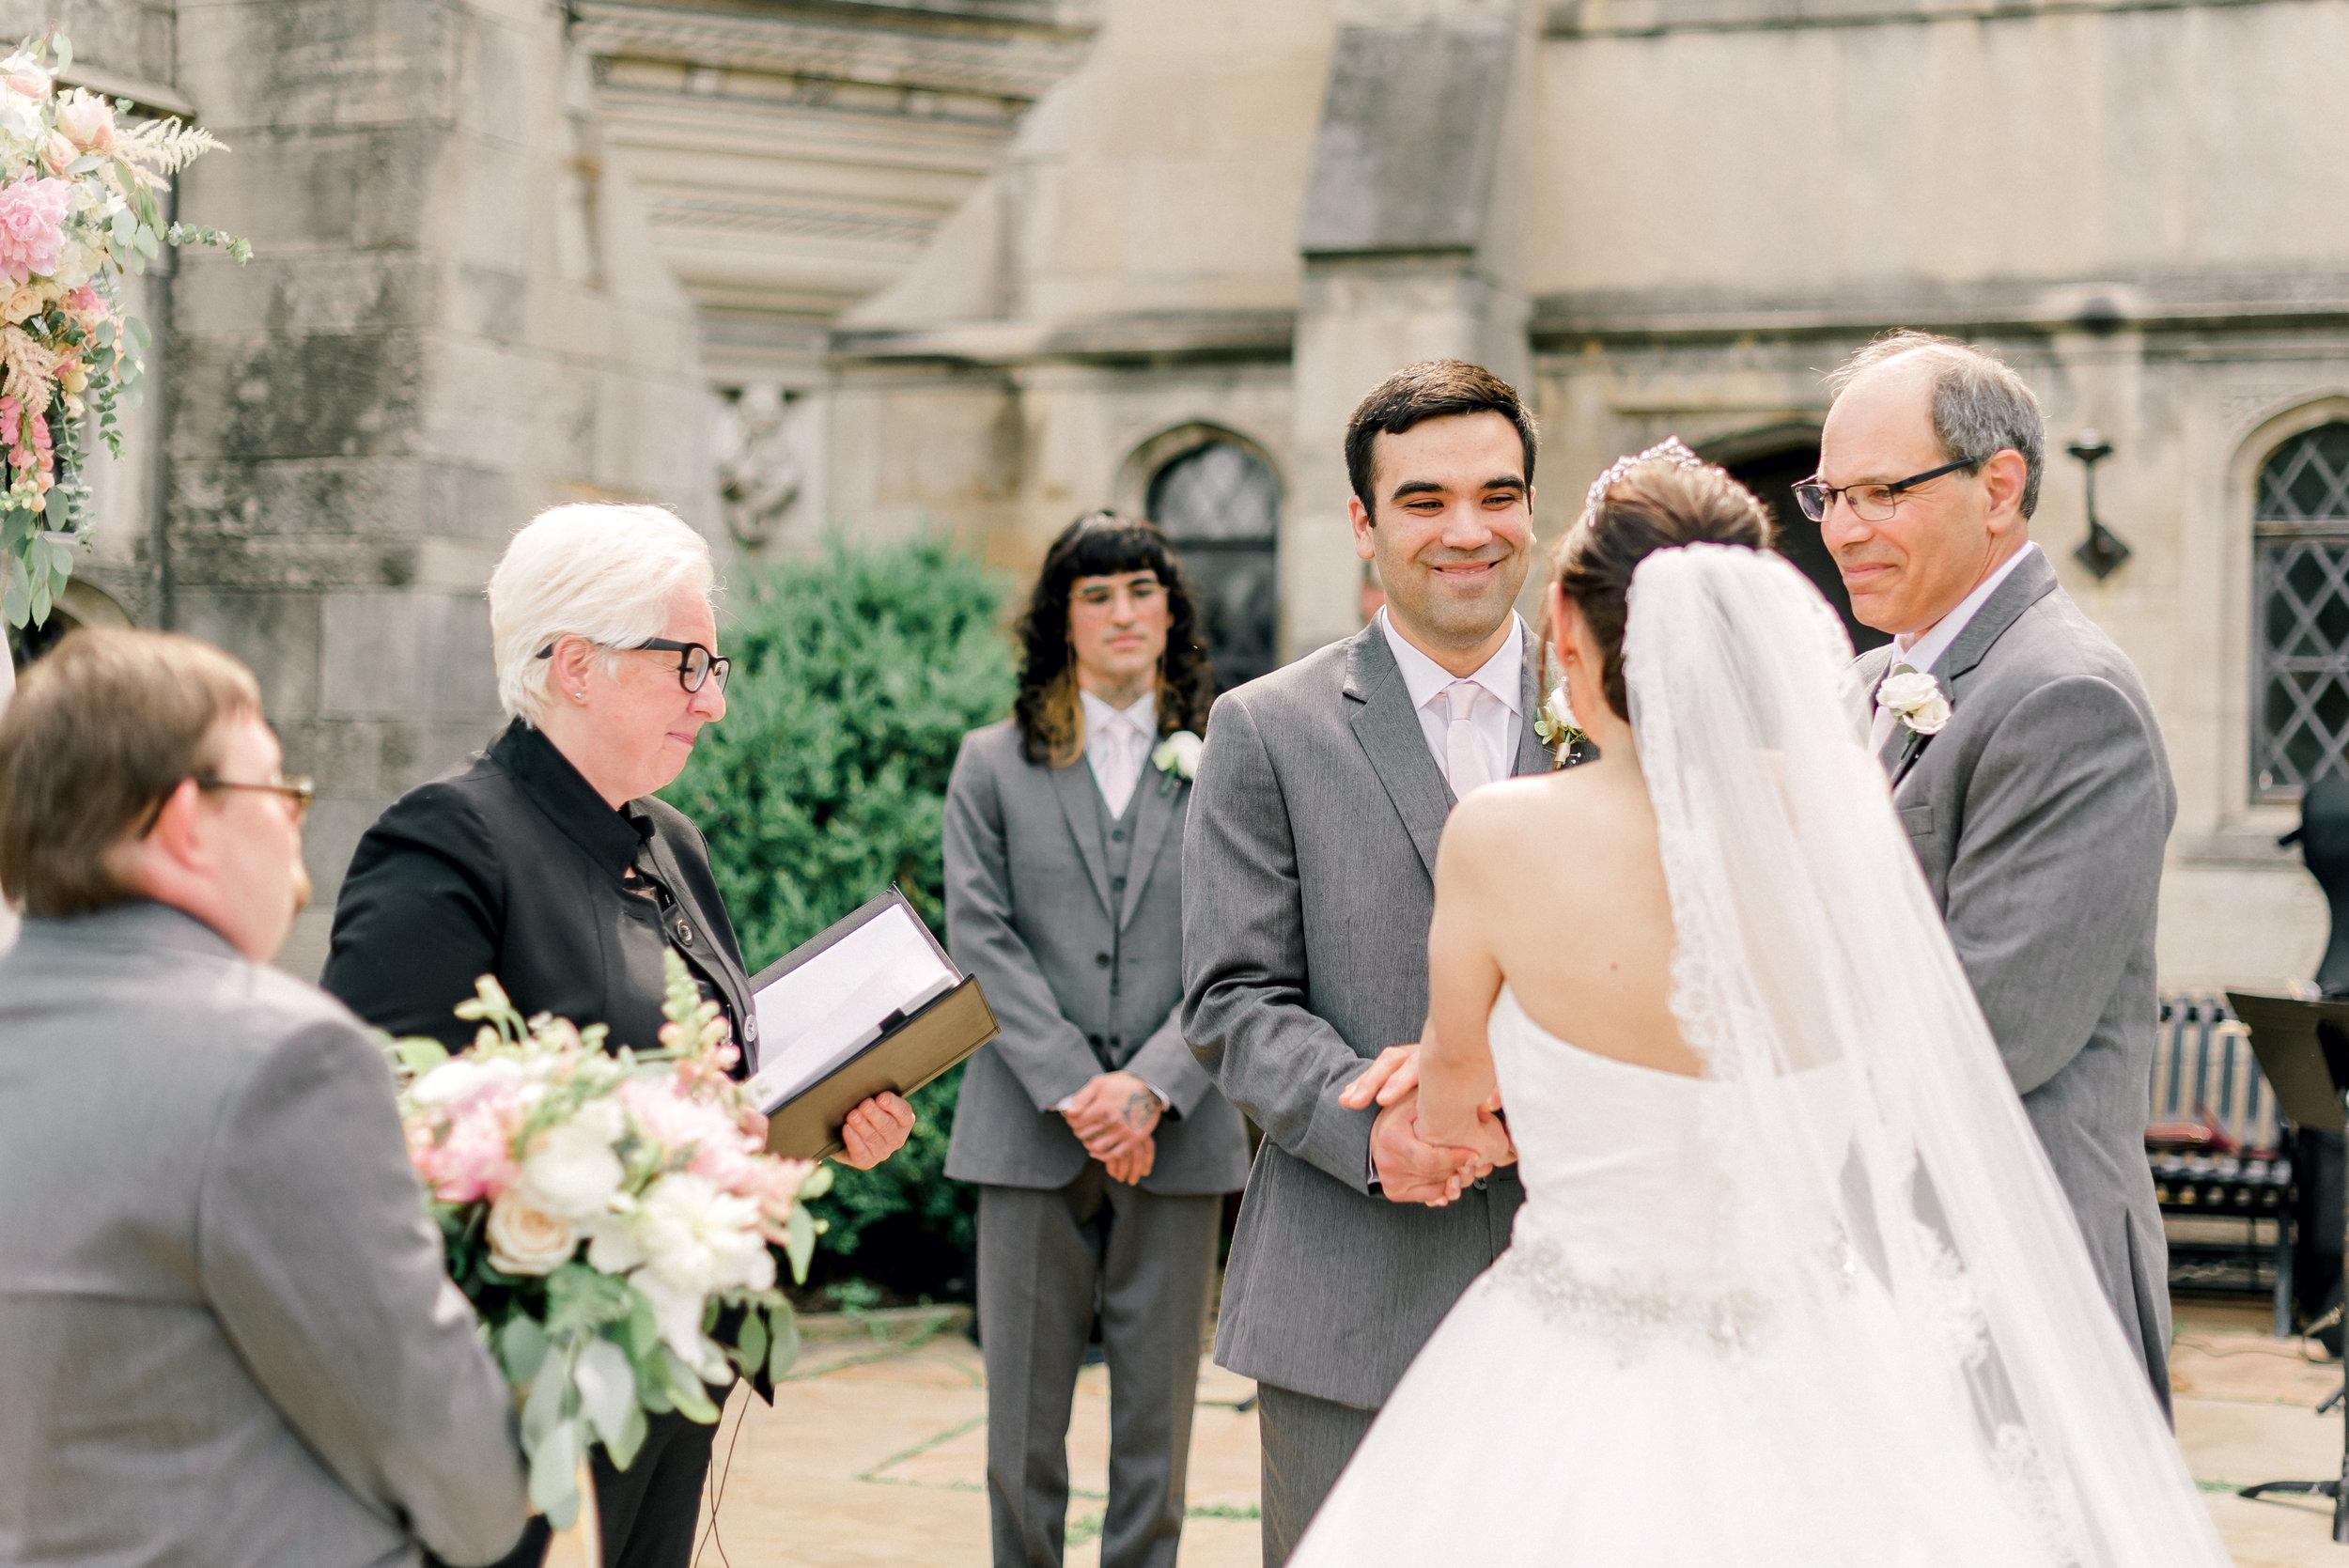 pittsburgh-wedding-photographer-hartwood-acres-0023.jpg